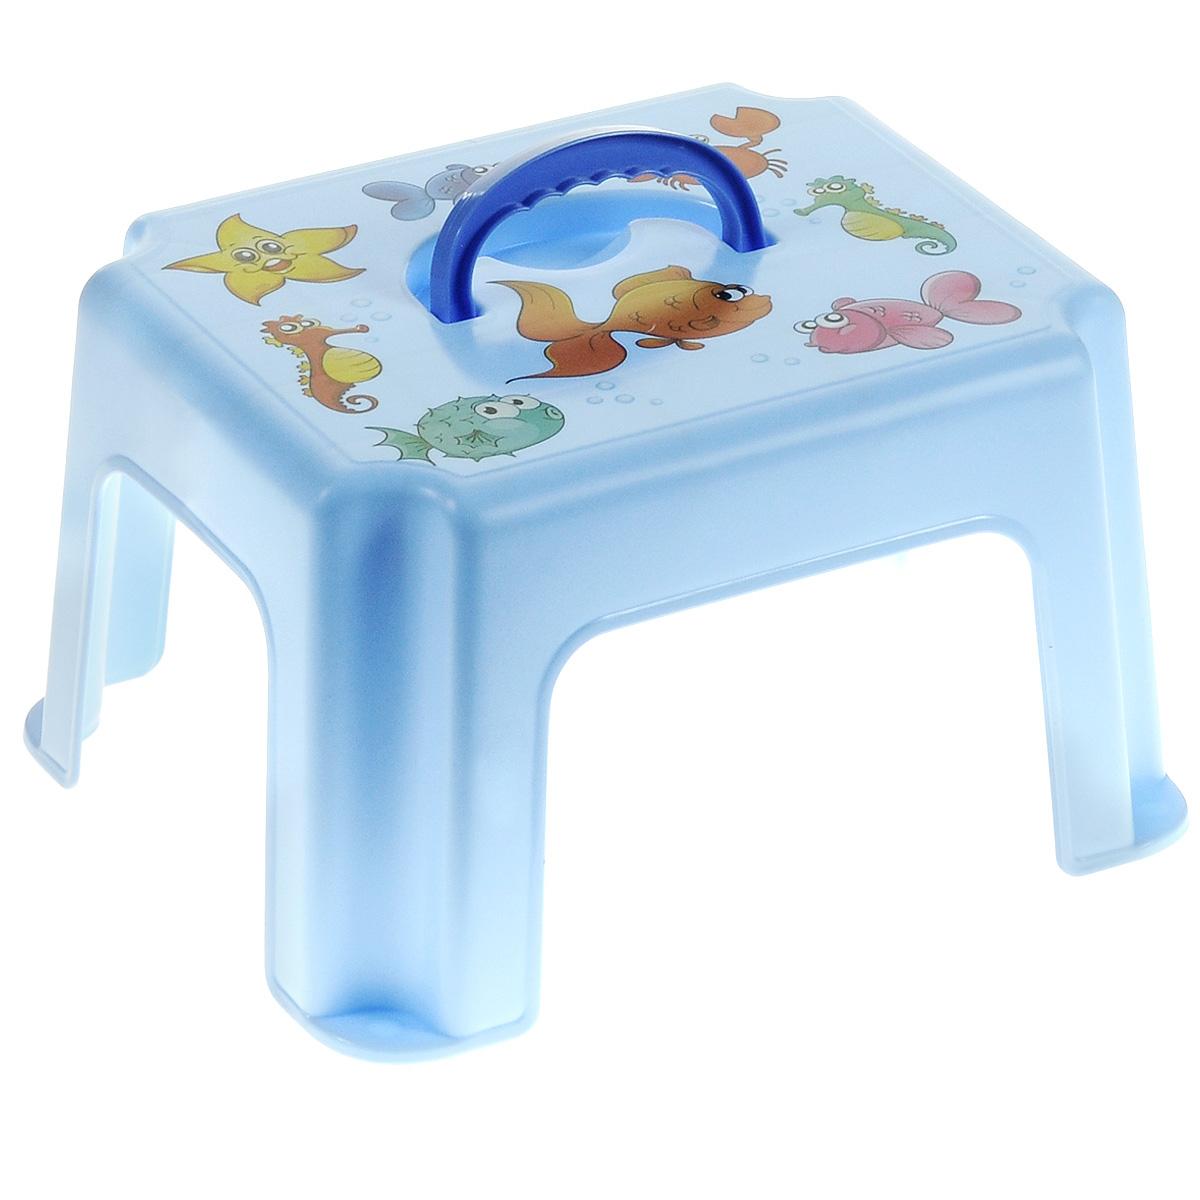 Табурет-подставка детский, с ручкой, цвет: голубой4660Табурет-подставка Idea изготовлен из высококачественного прочного пластика, оформленного красочными изображениями, которые привлекут внимание ребенка. Изделие предназначено для детей, можно использовать и как стульчик, и как подставку для игрушек. Очень удобный аксессуар для мам и малышей. Табурет оснащен ручкой для удобной переноски.